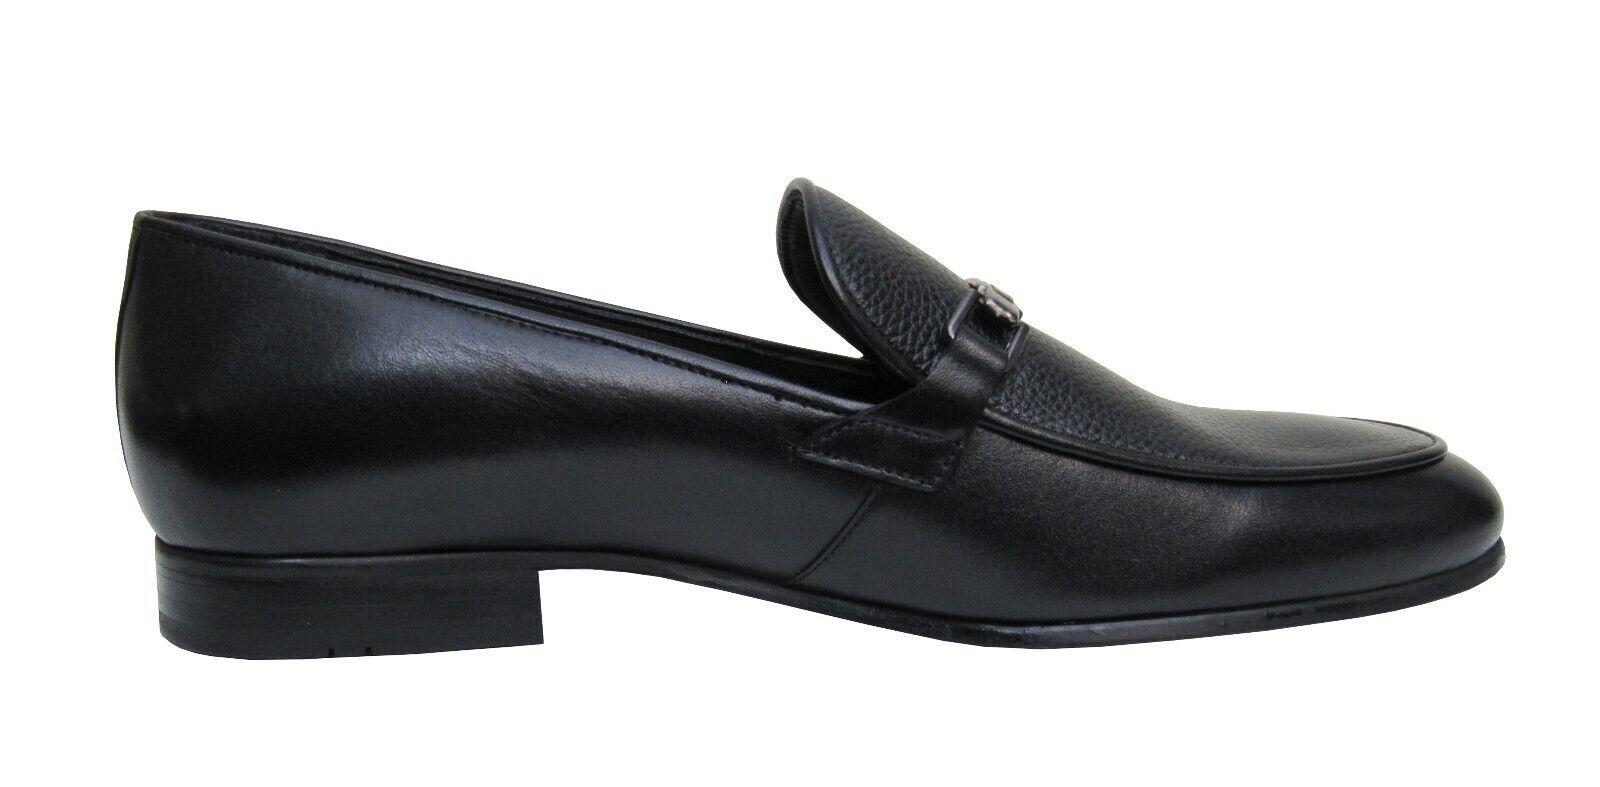 Scarpe da da da uomo con Fermaglio elegante e klasssich tg. 41 Nero 6bf1d9